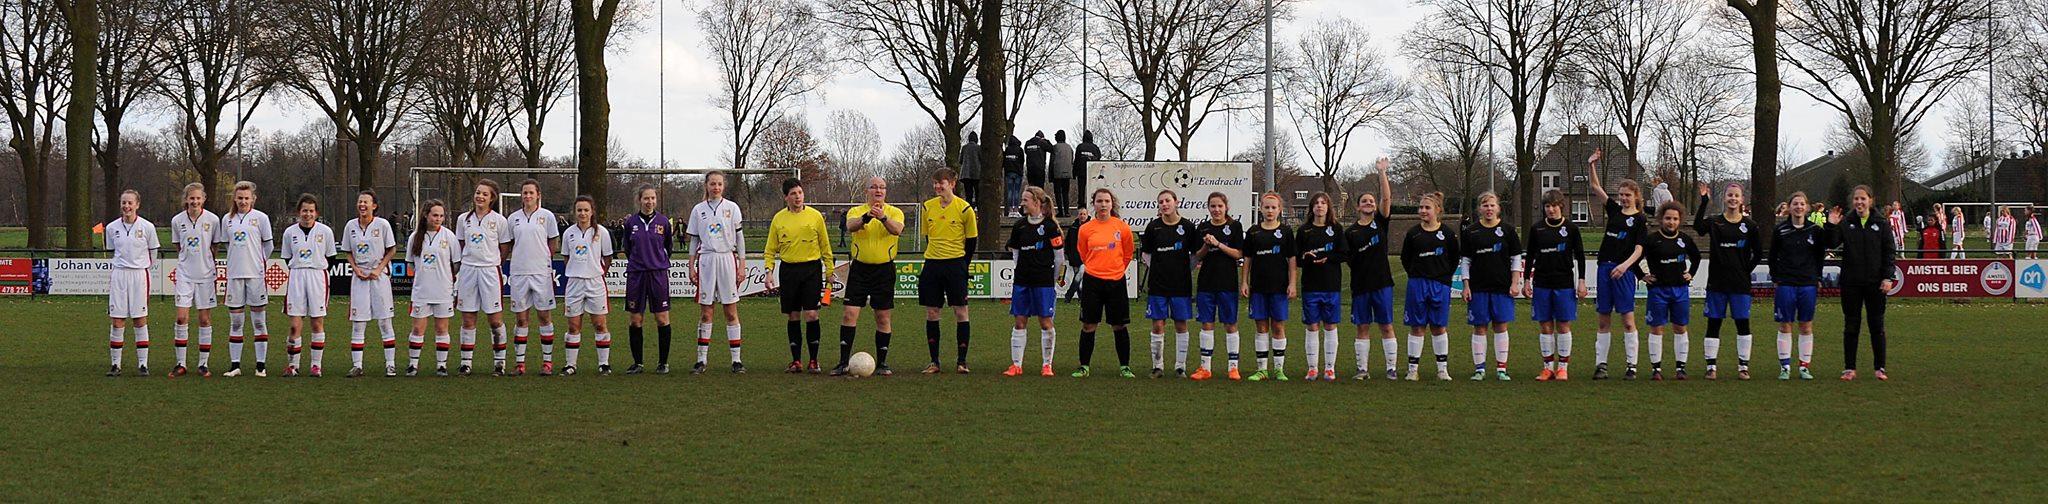 Are you ready? - Die Teams von Milton Keynes und dem MSV Duisburg vor dem Finale